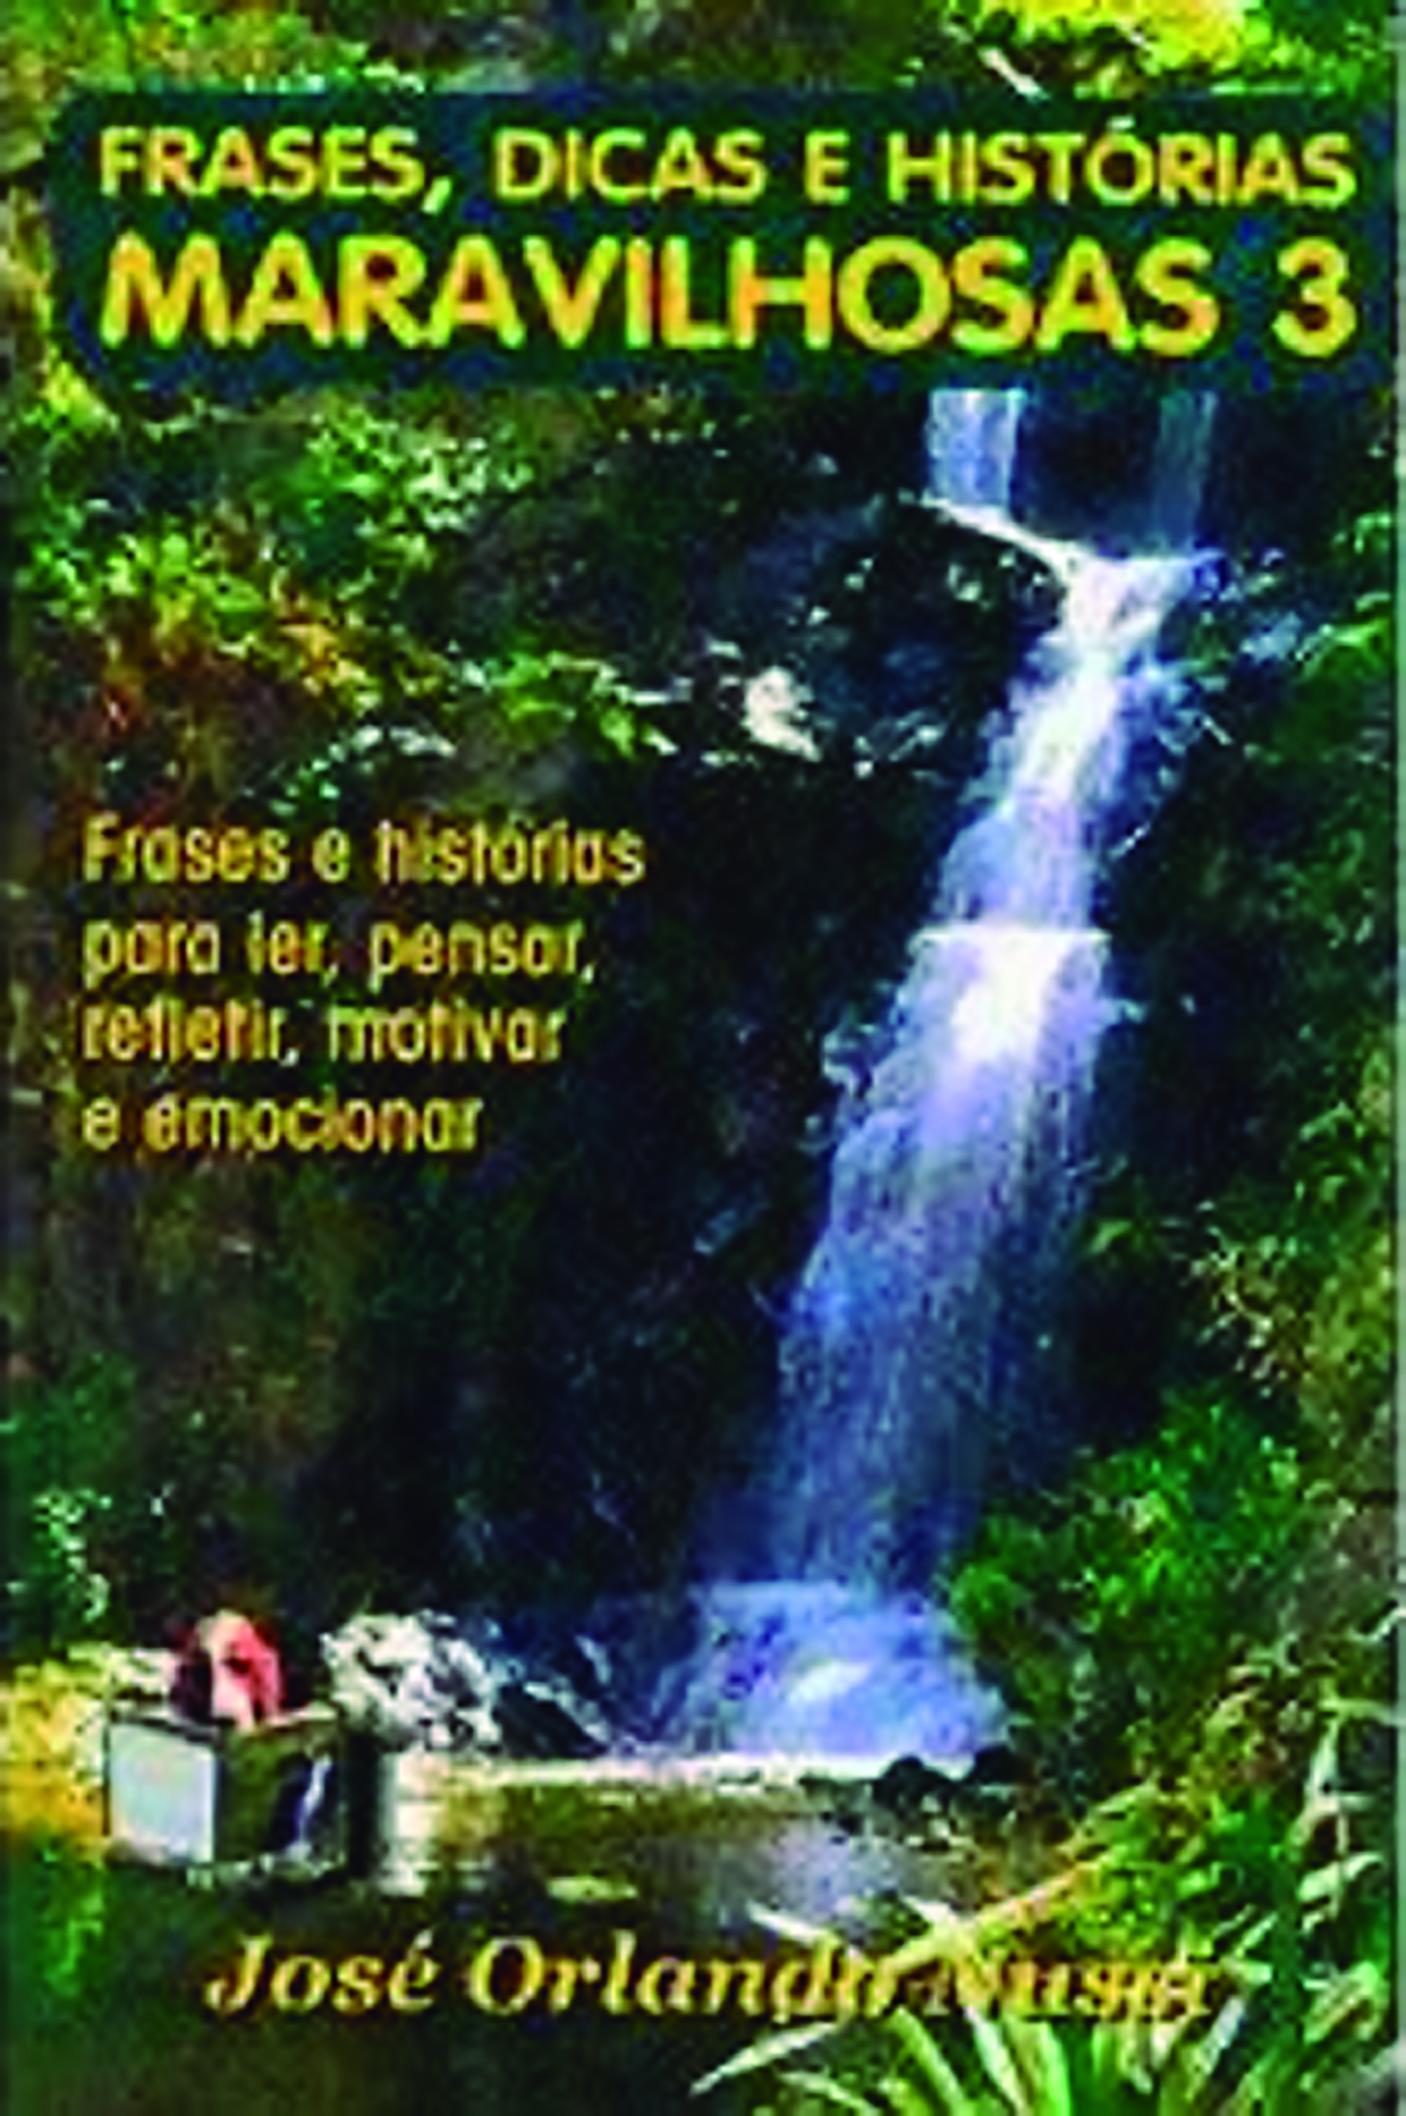 FRASES DICAS E HIST. MARAVILHOSAS - V 03